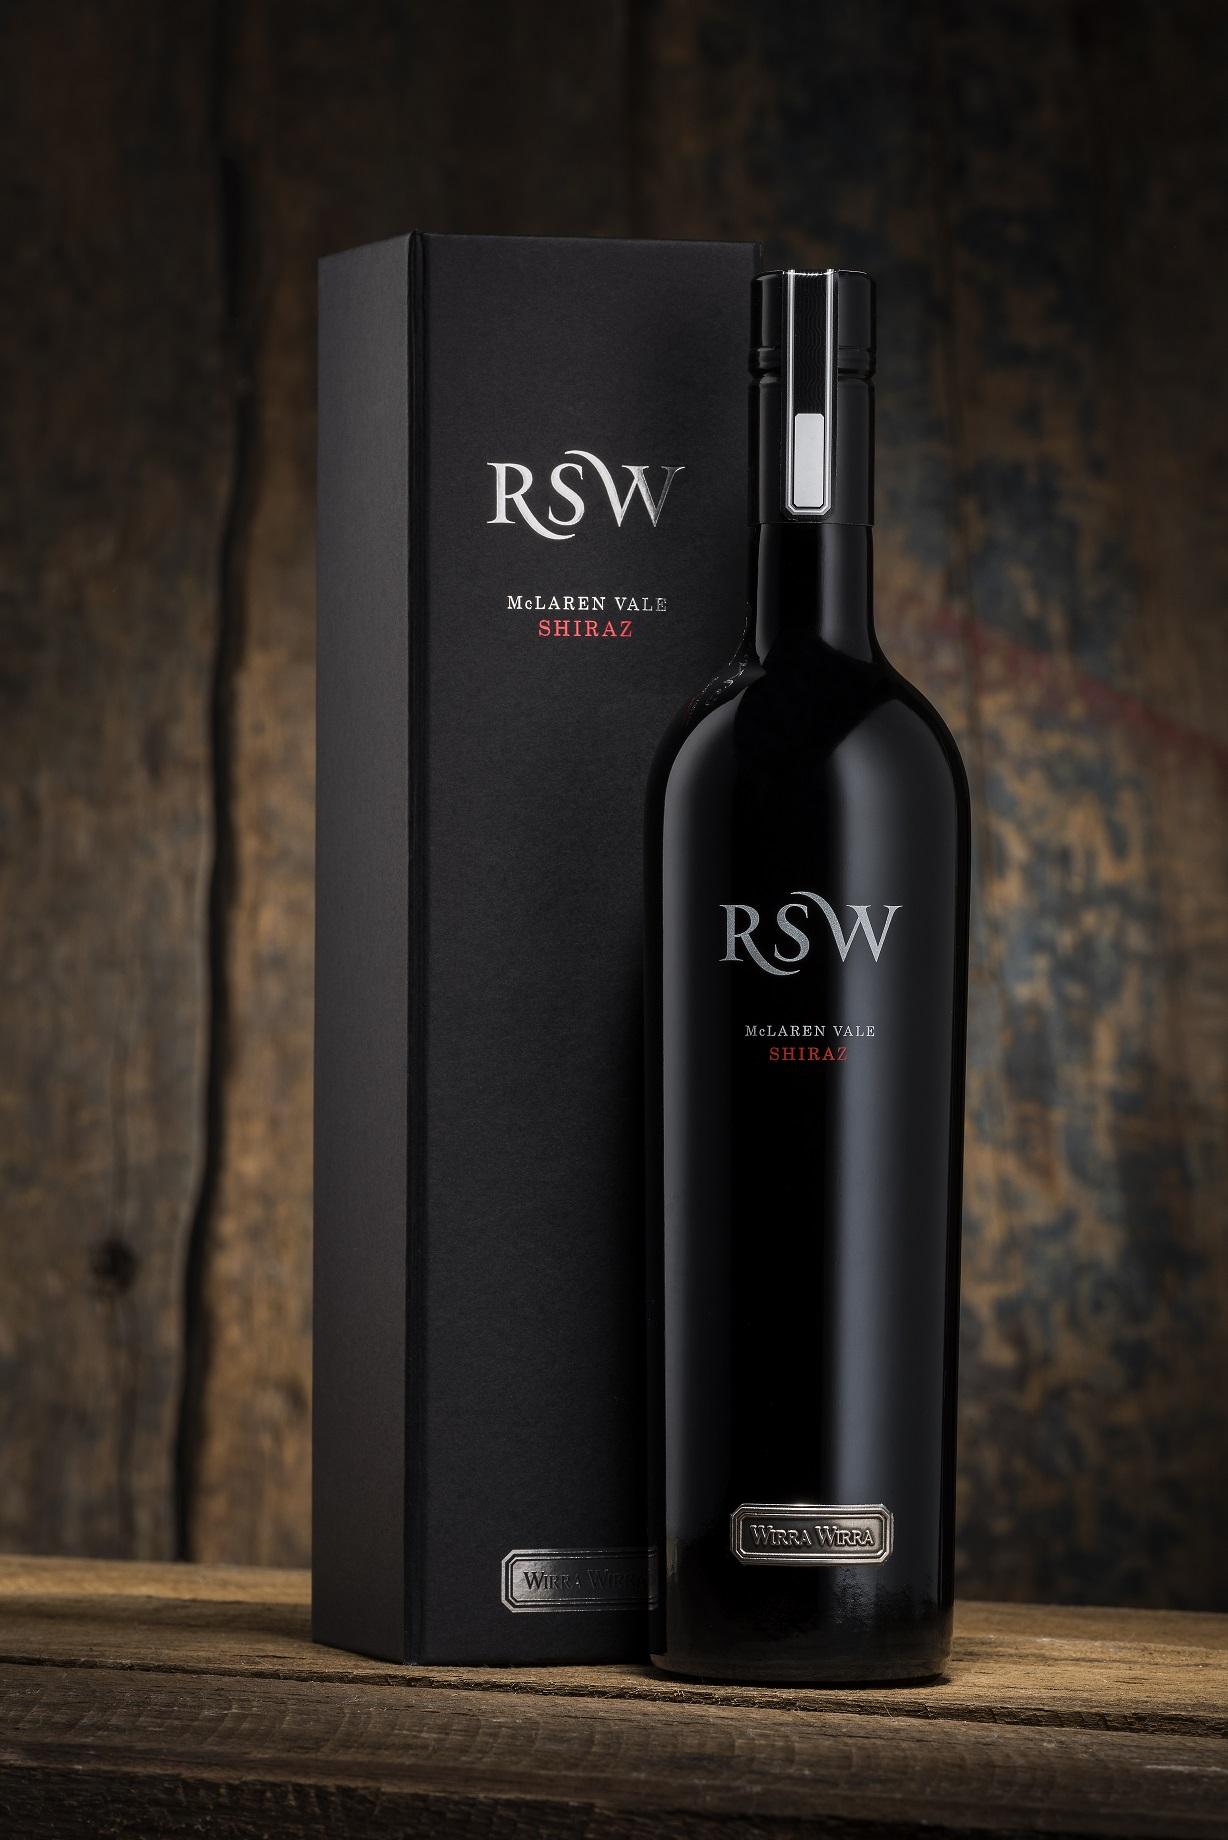 Wirra Wirra RSW gift box